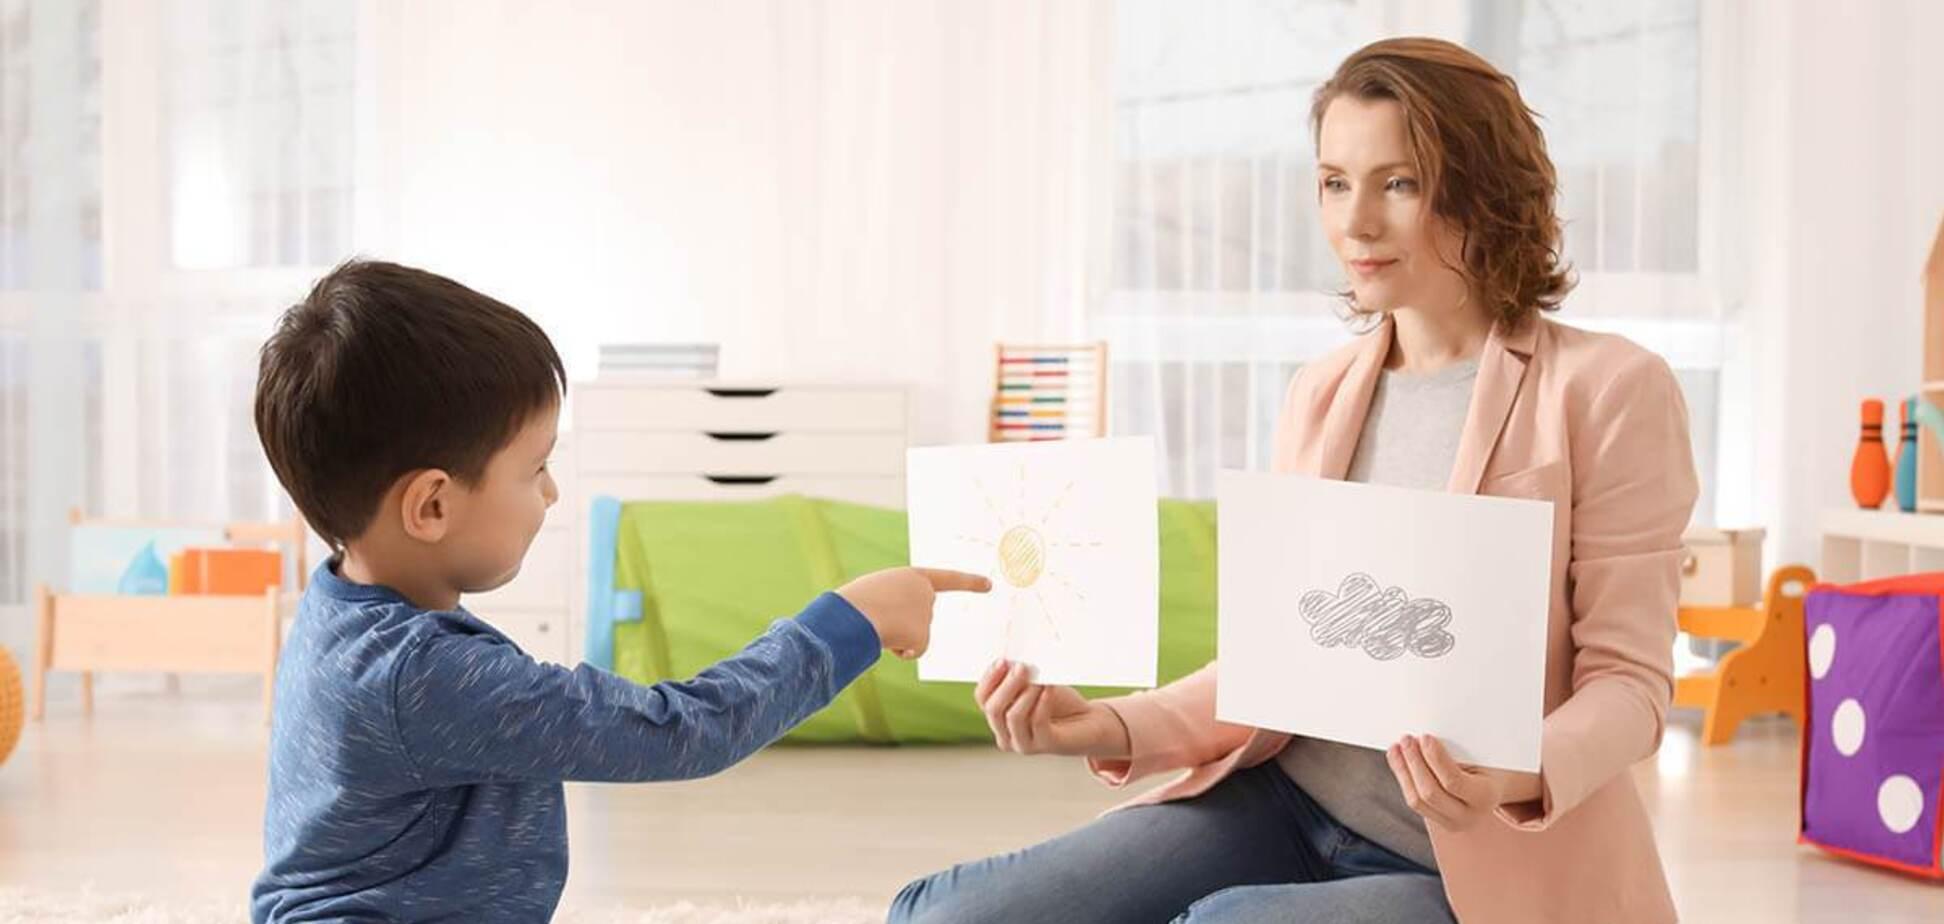 Знайдено просте лікування симптомів аутизму у дітей